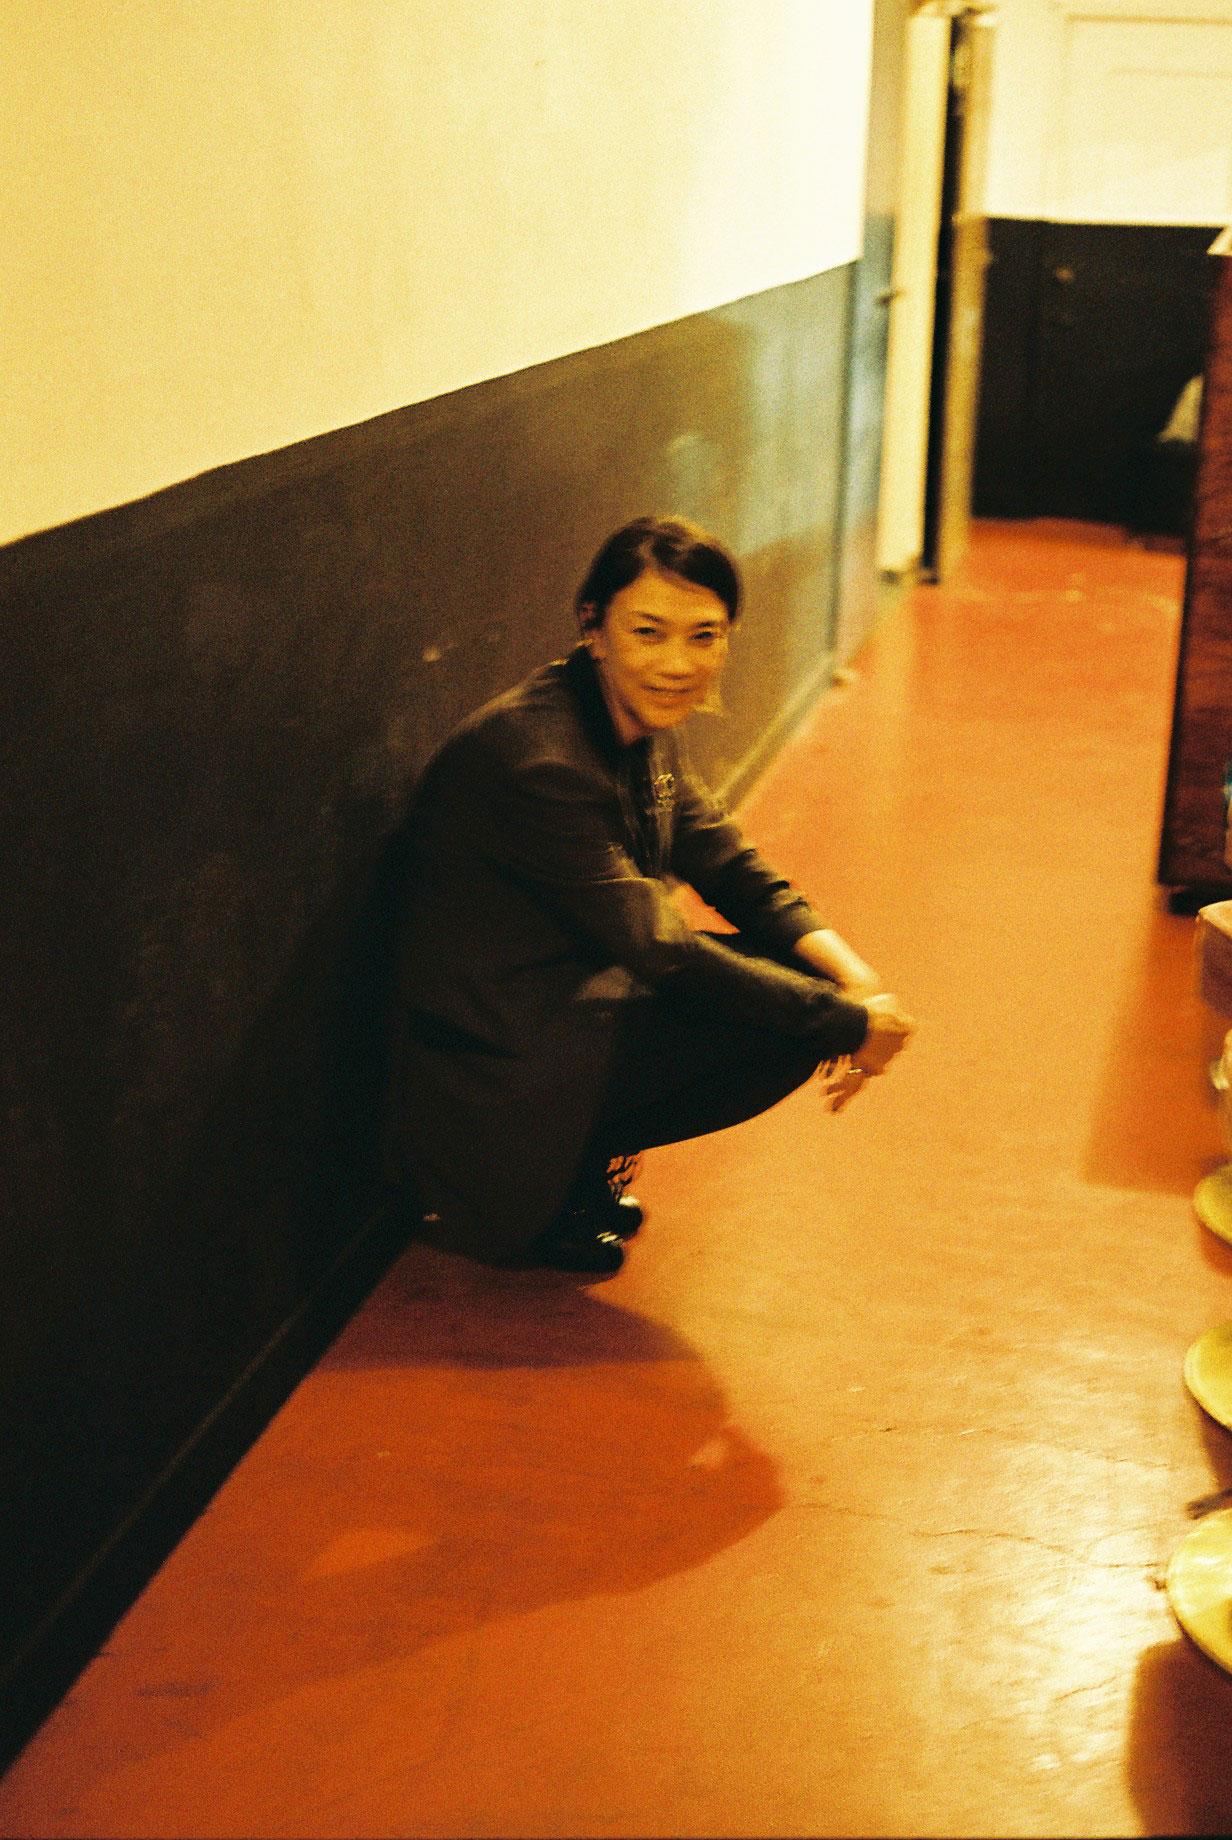 Photo by Yoshiyuki Okuyama